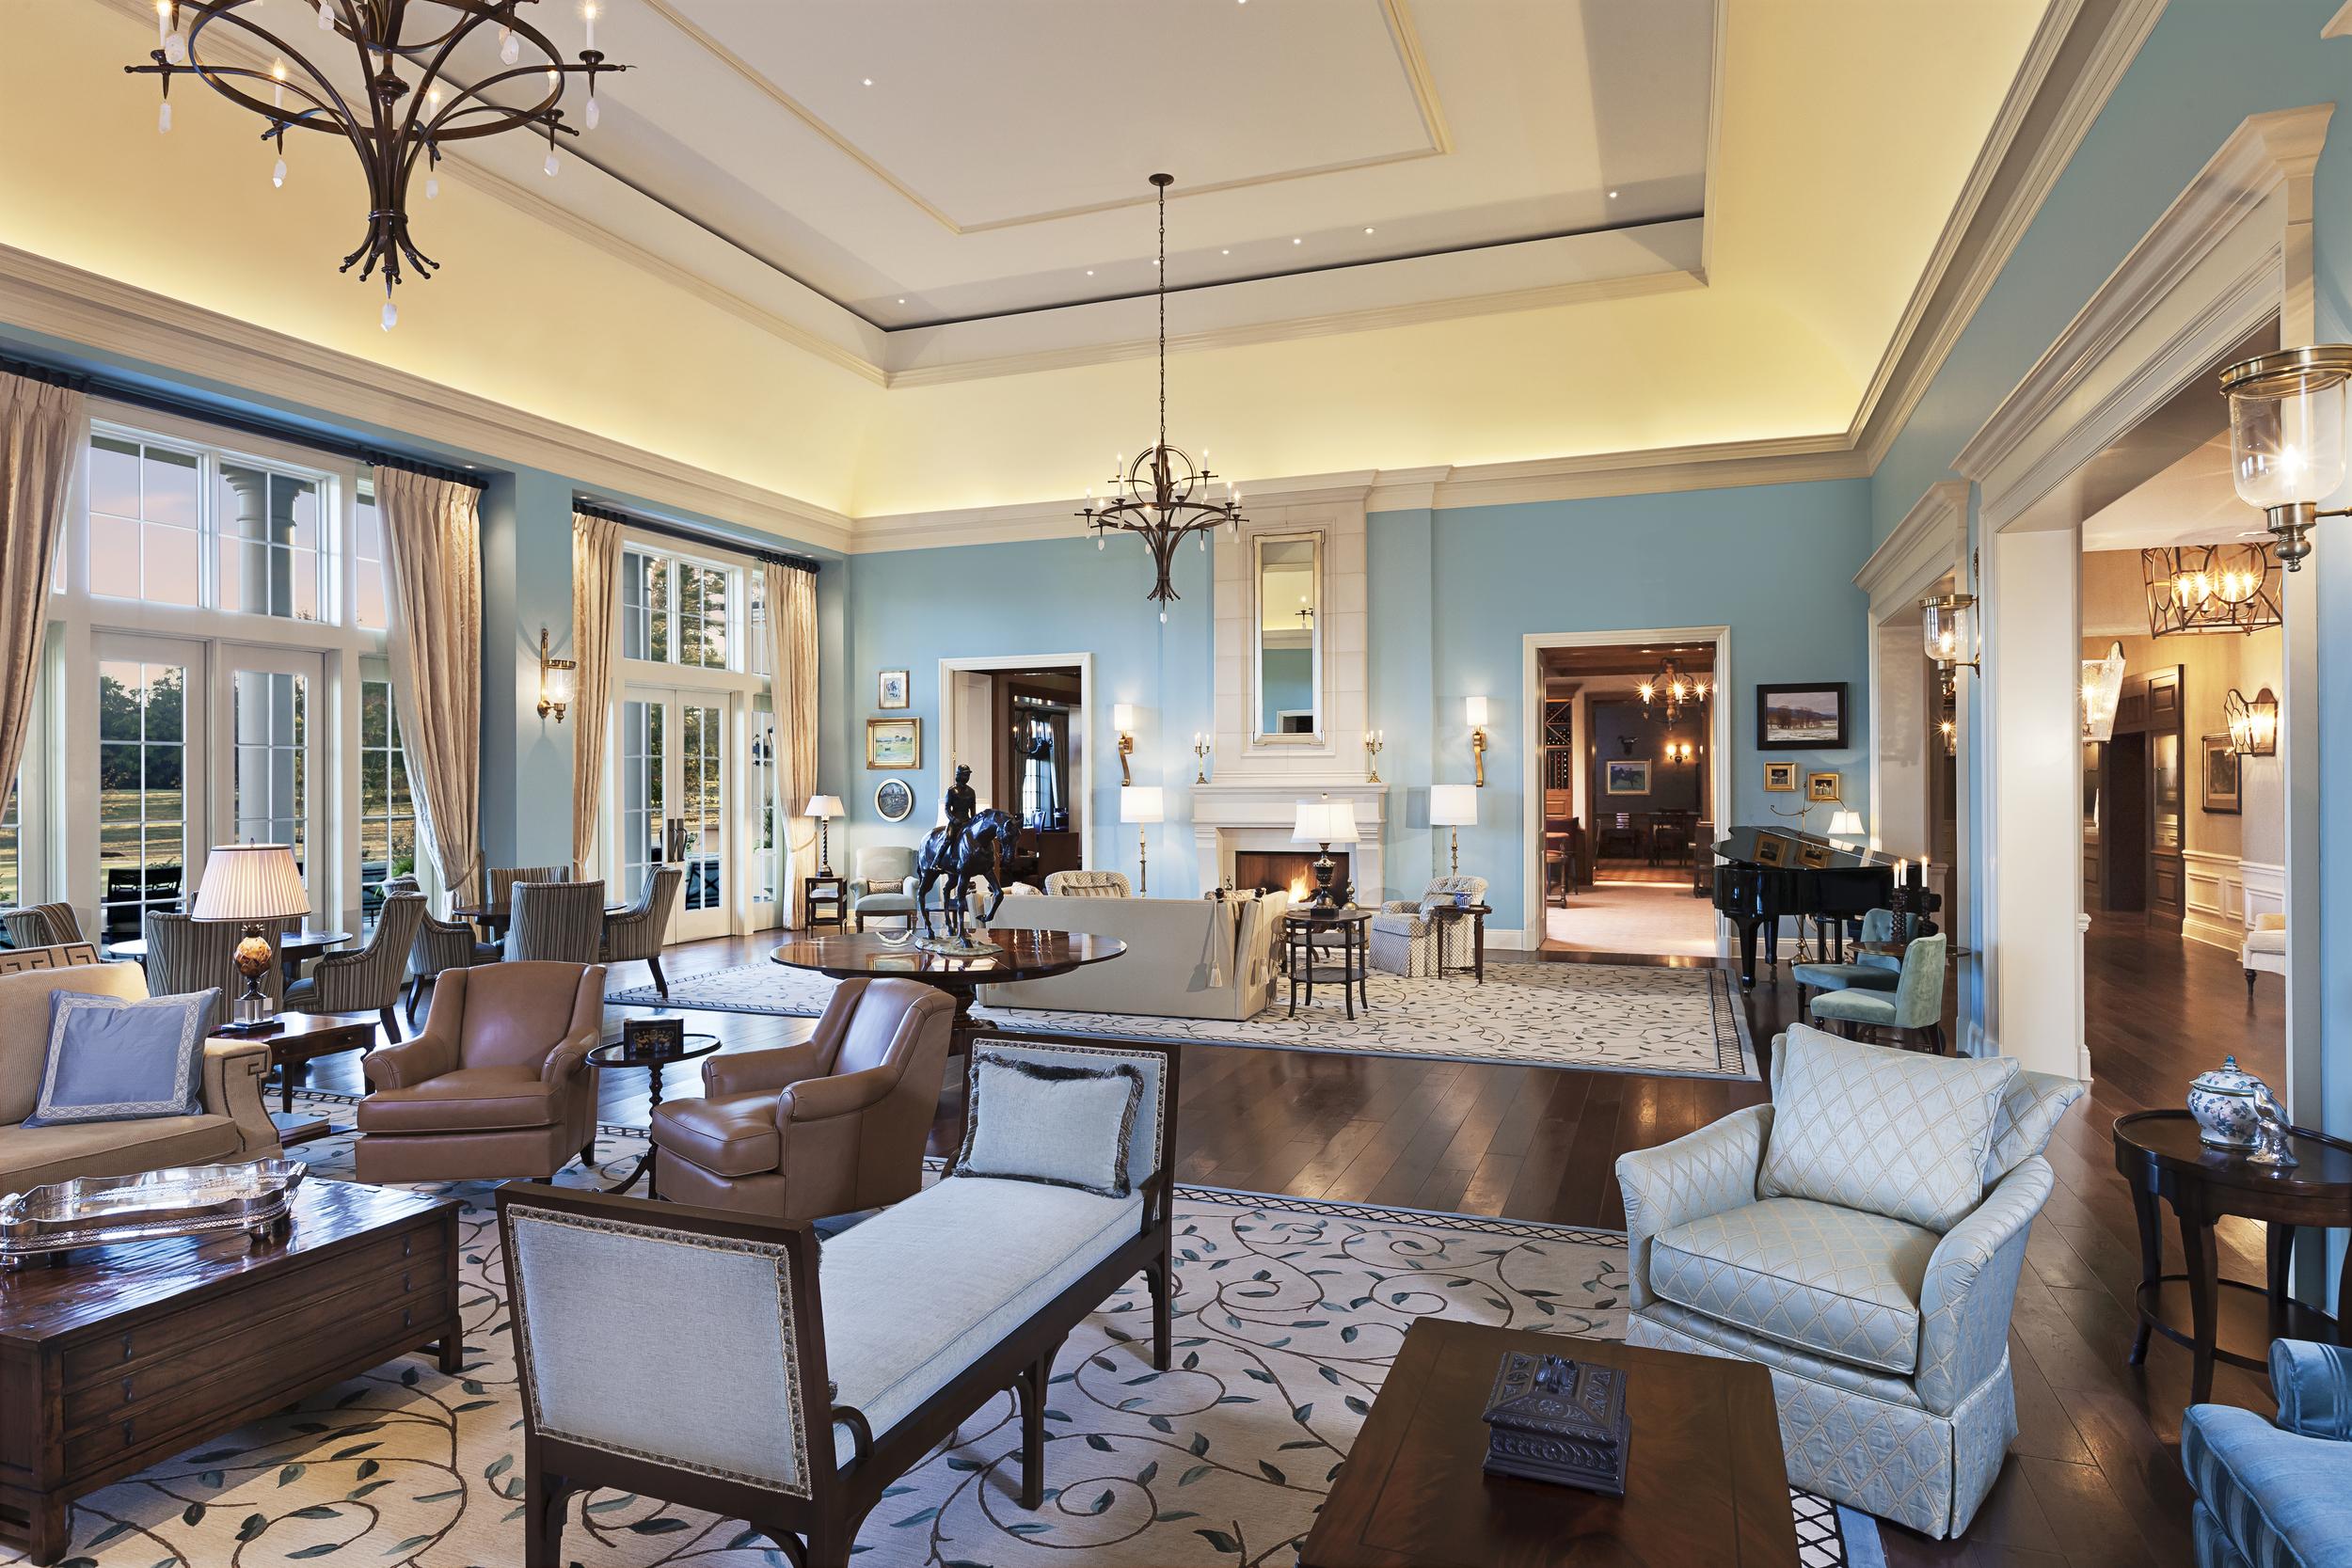 Living Room Angle View.jpg